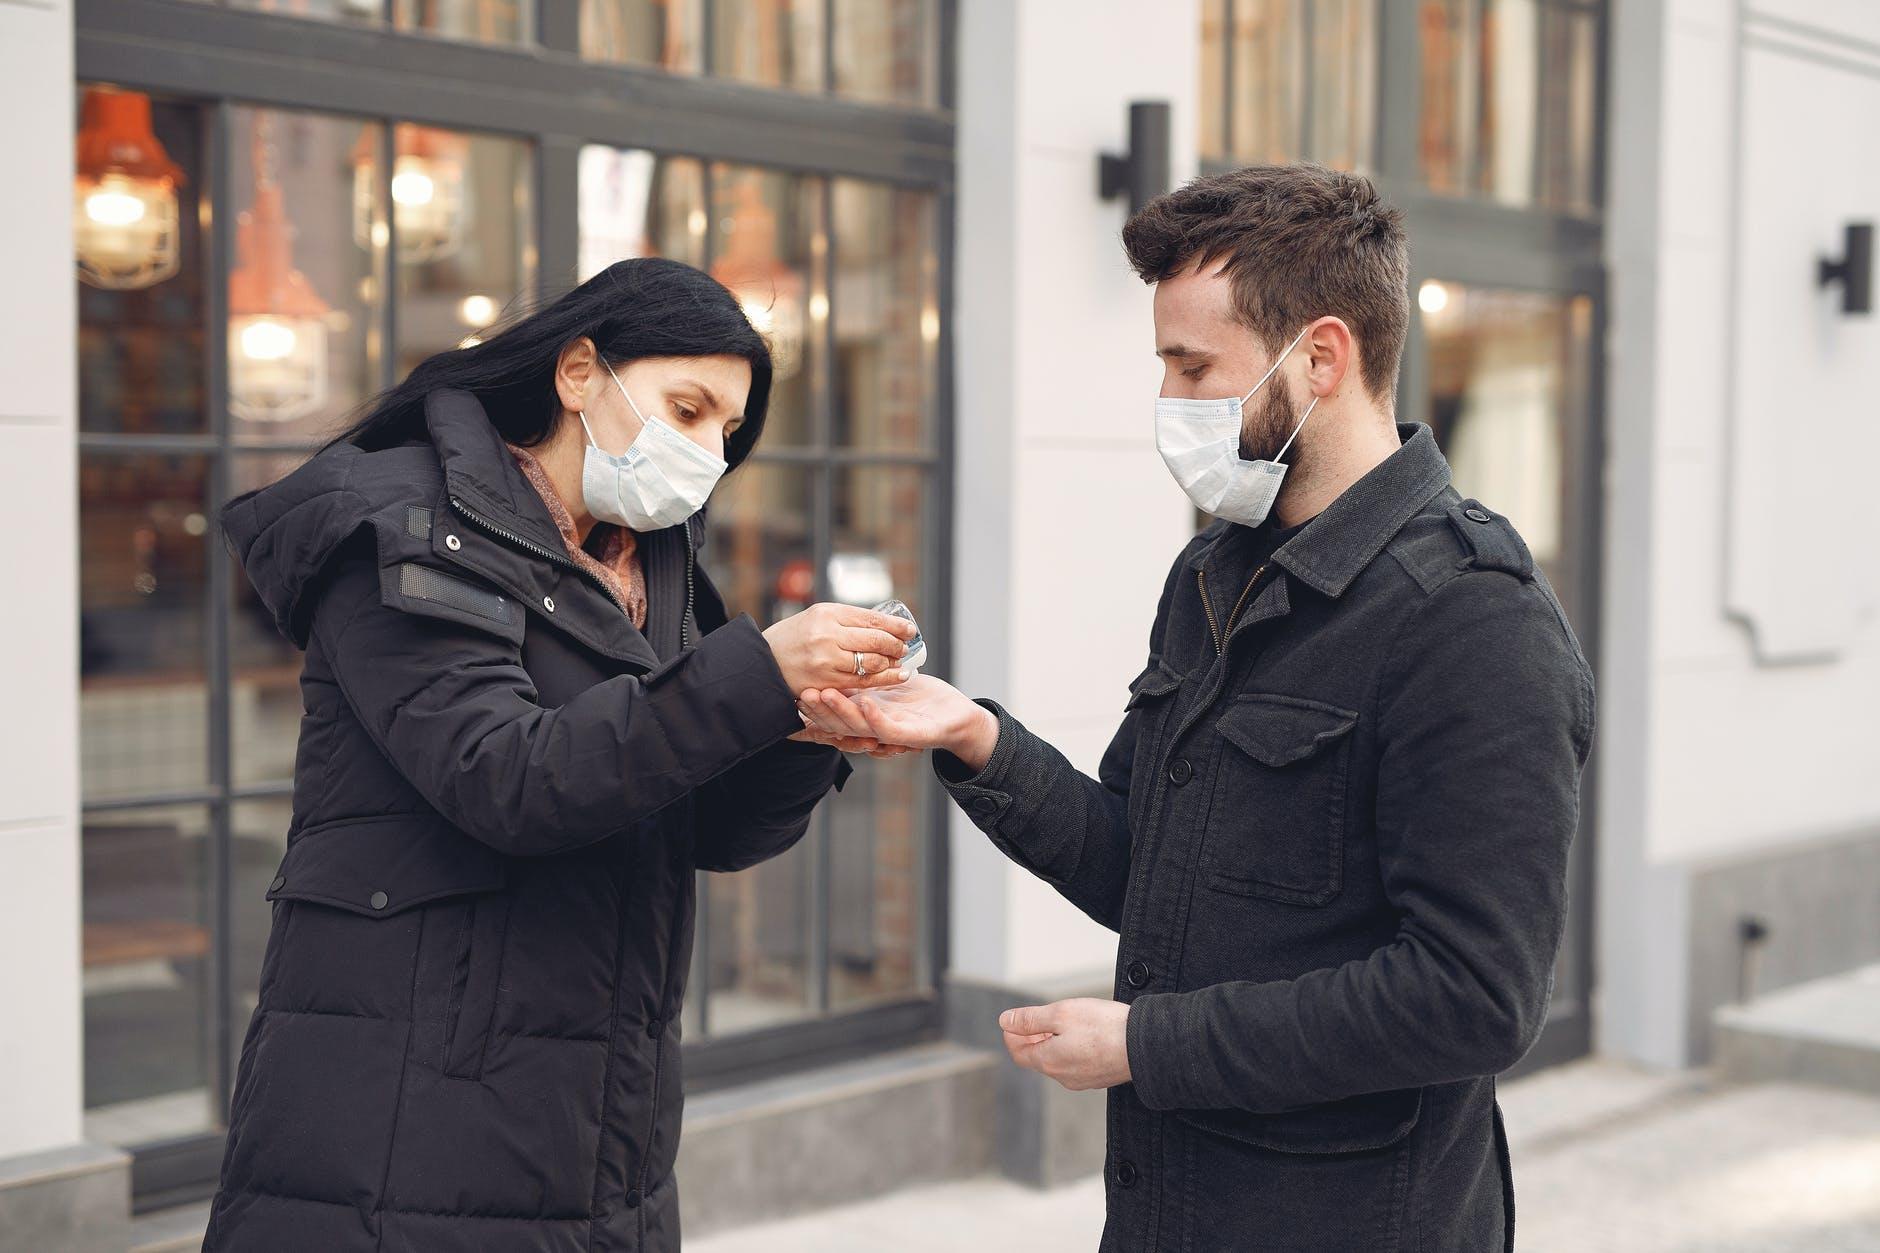 Jakie zasady podczas lotów w pandemii?